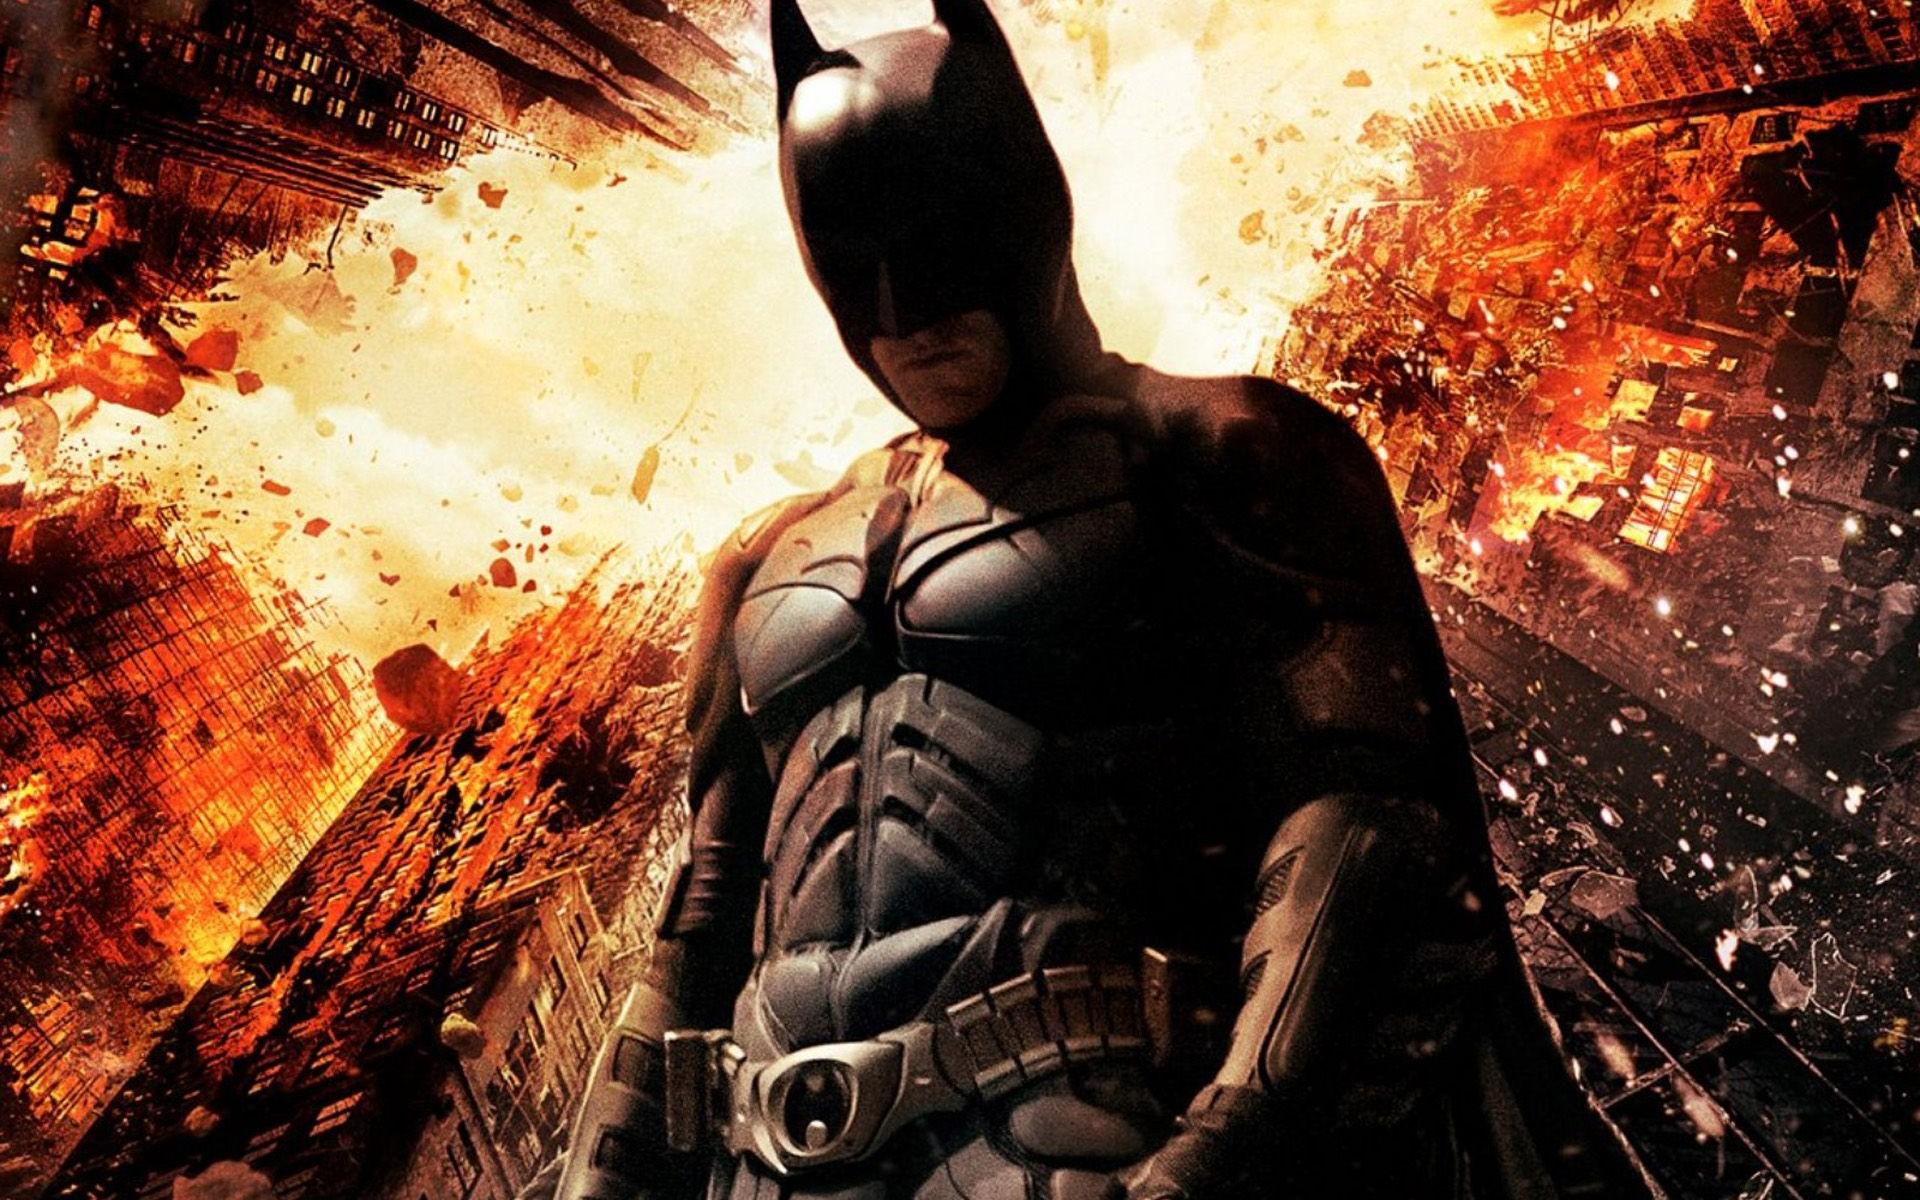 Darknight full movie